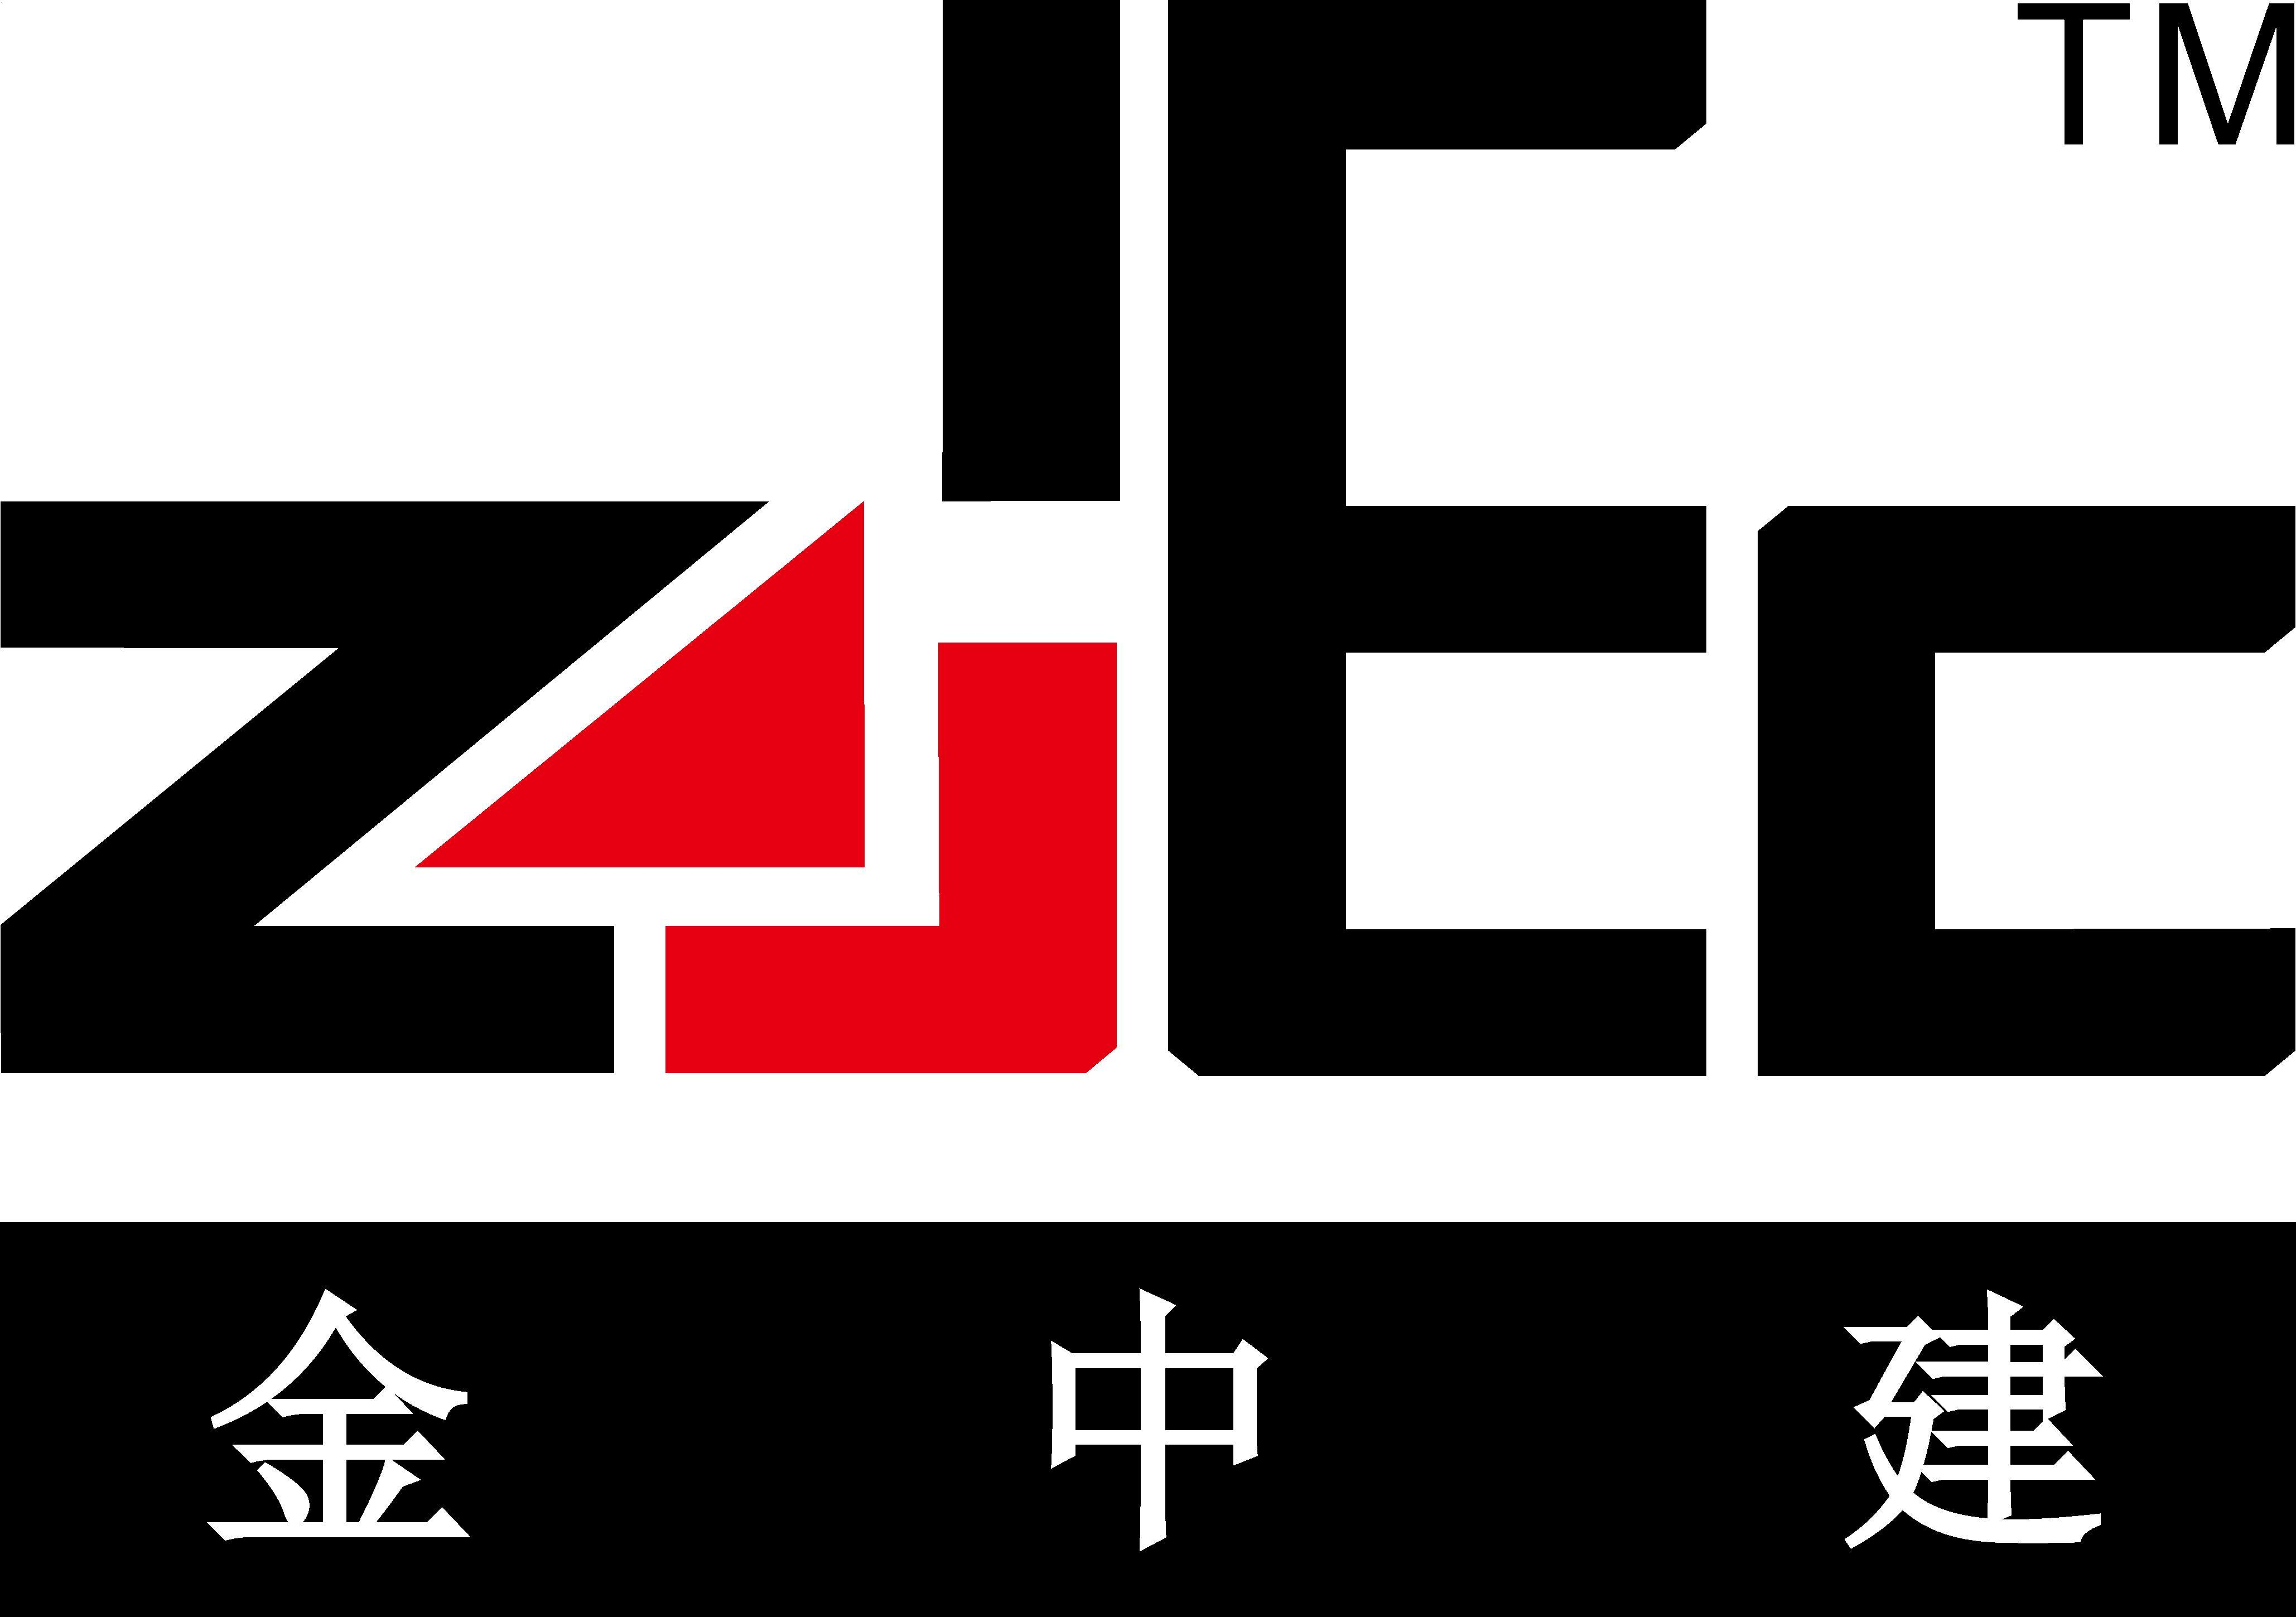 logo 标识 标志 设计 矢量 矢量图 素材 图标 4116_2899